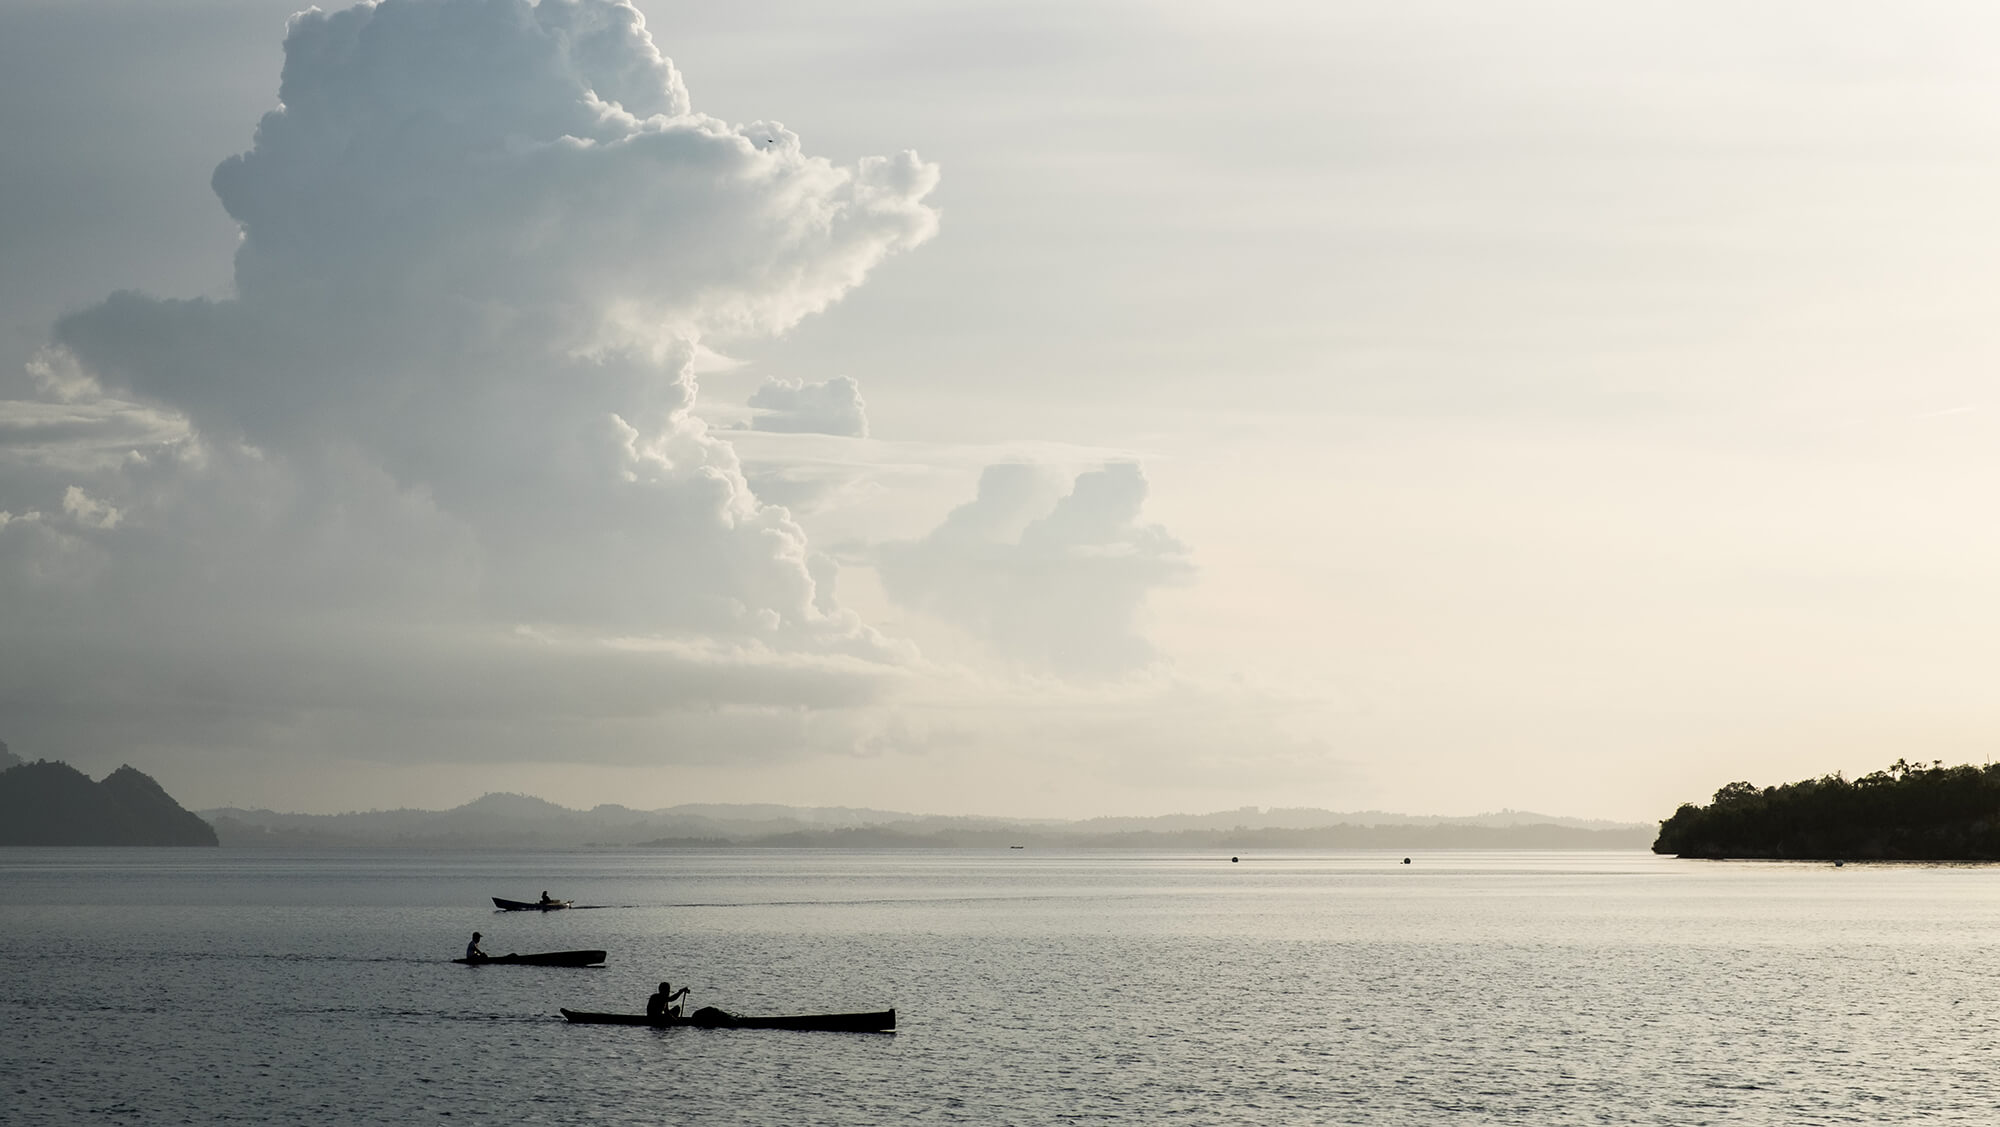 Pescadores de la etnia bajau al atardecer en las islas Togean de Sulawesi